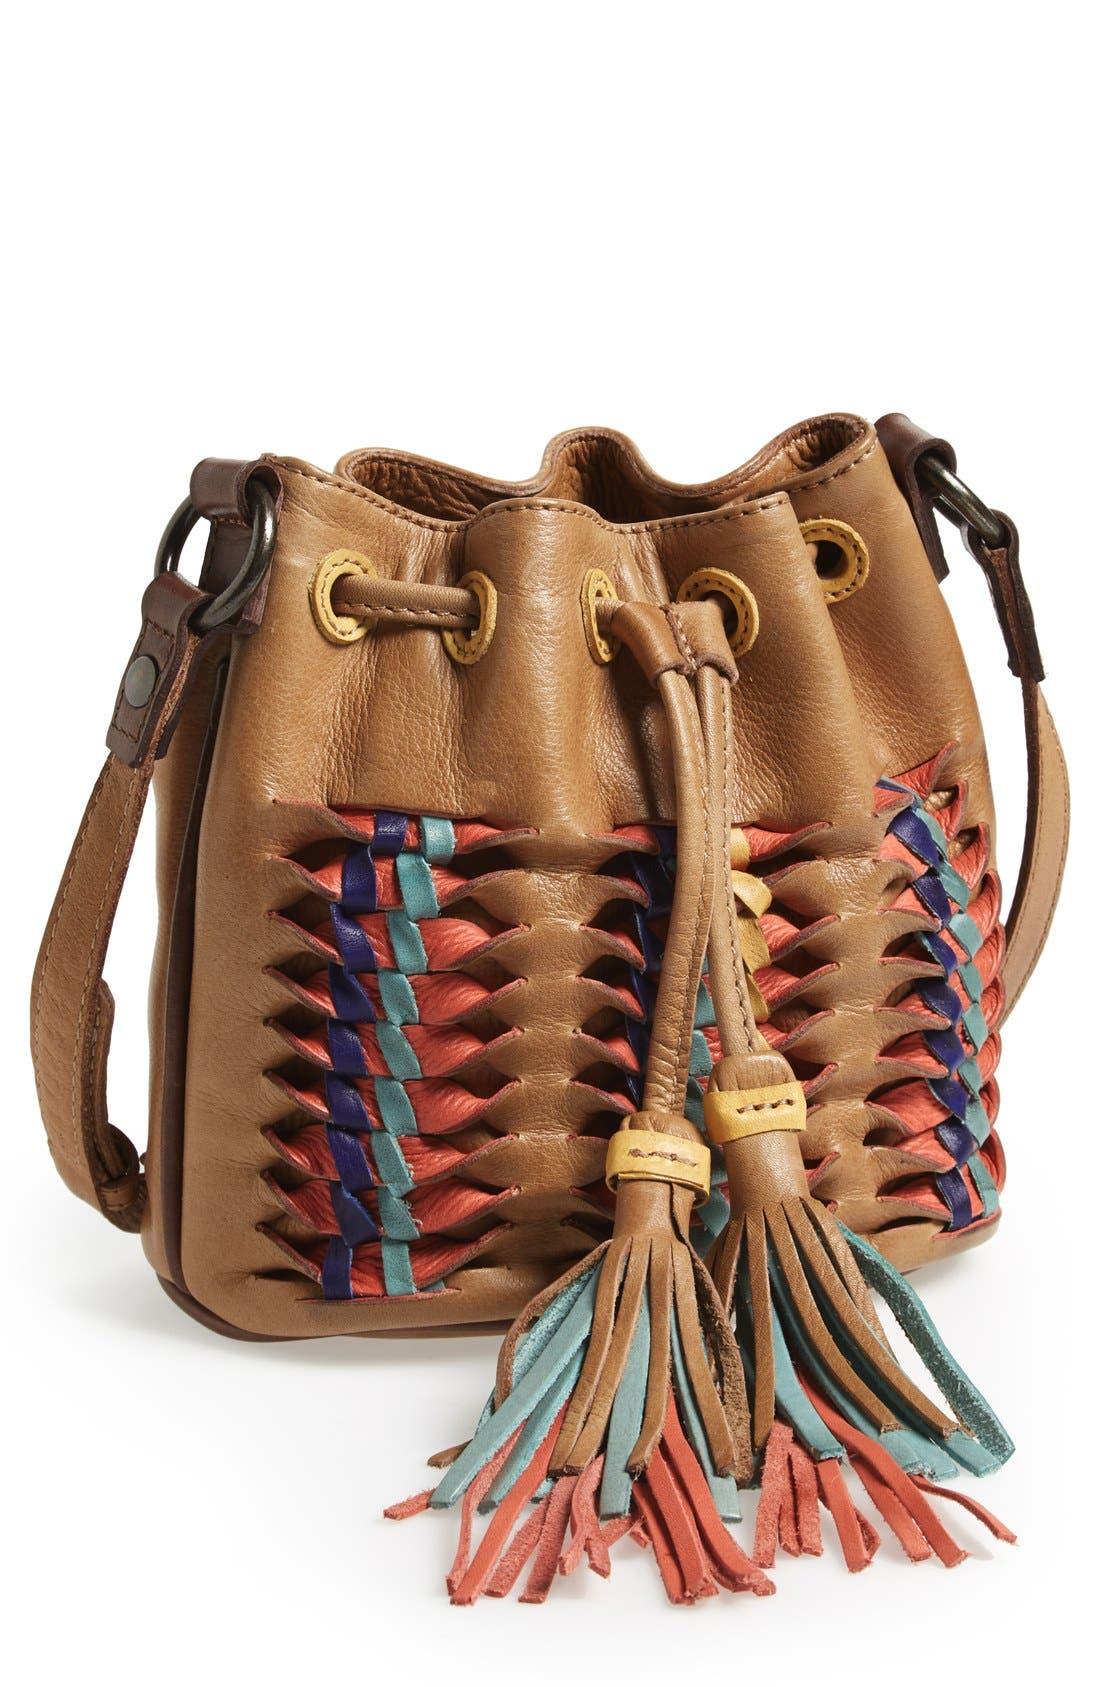 Main Image - Frye 'Heather' Leather Bucket Bag